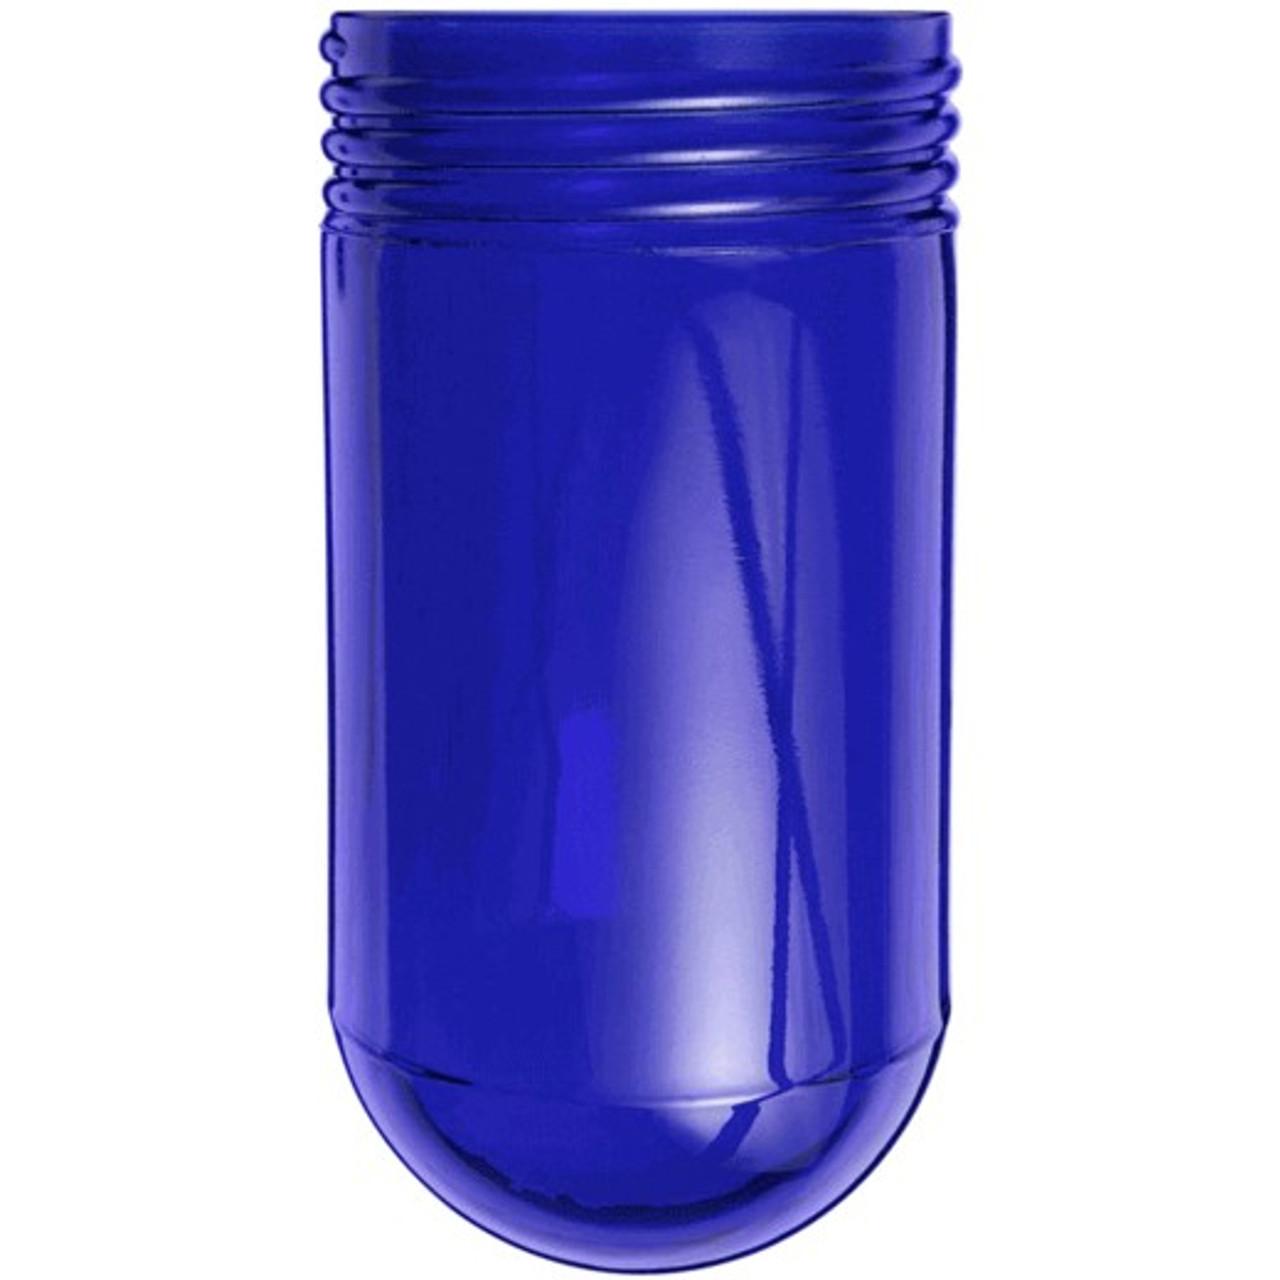 Blue Mason Jar Glass